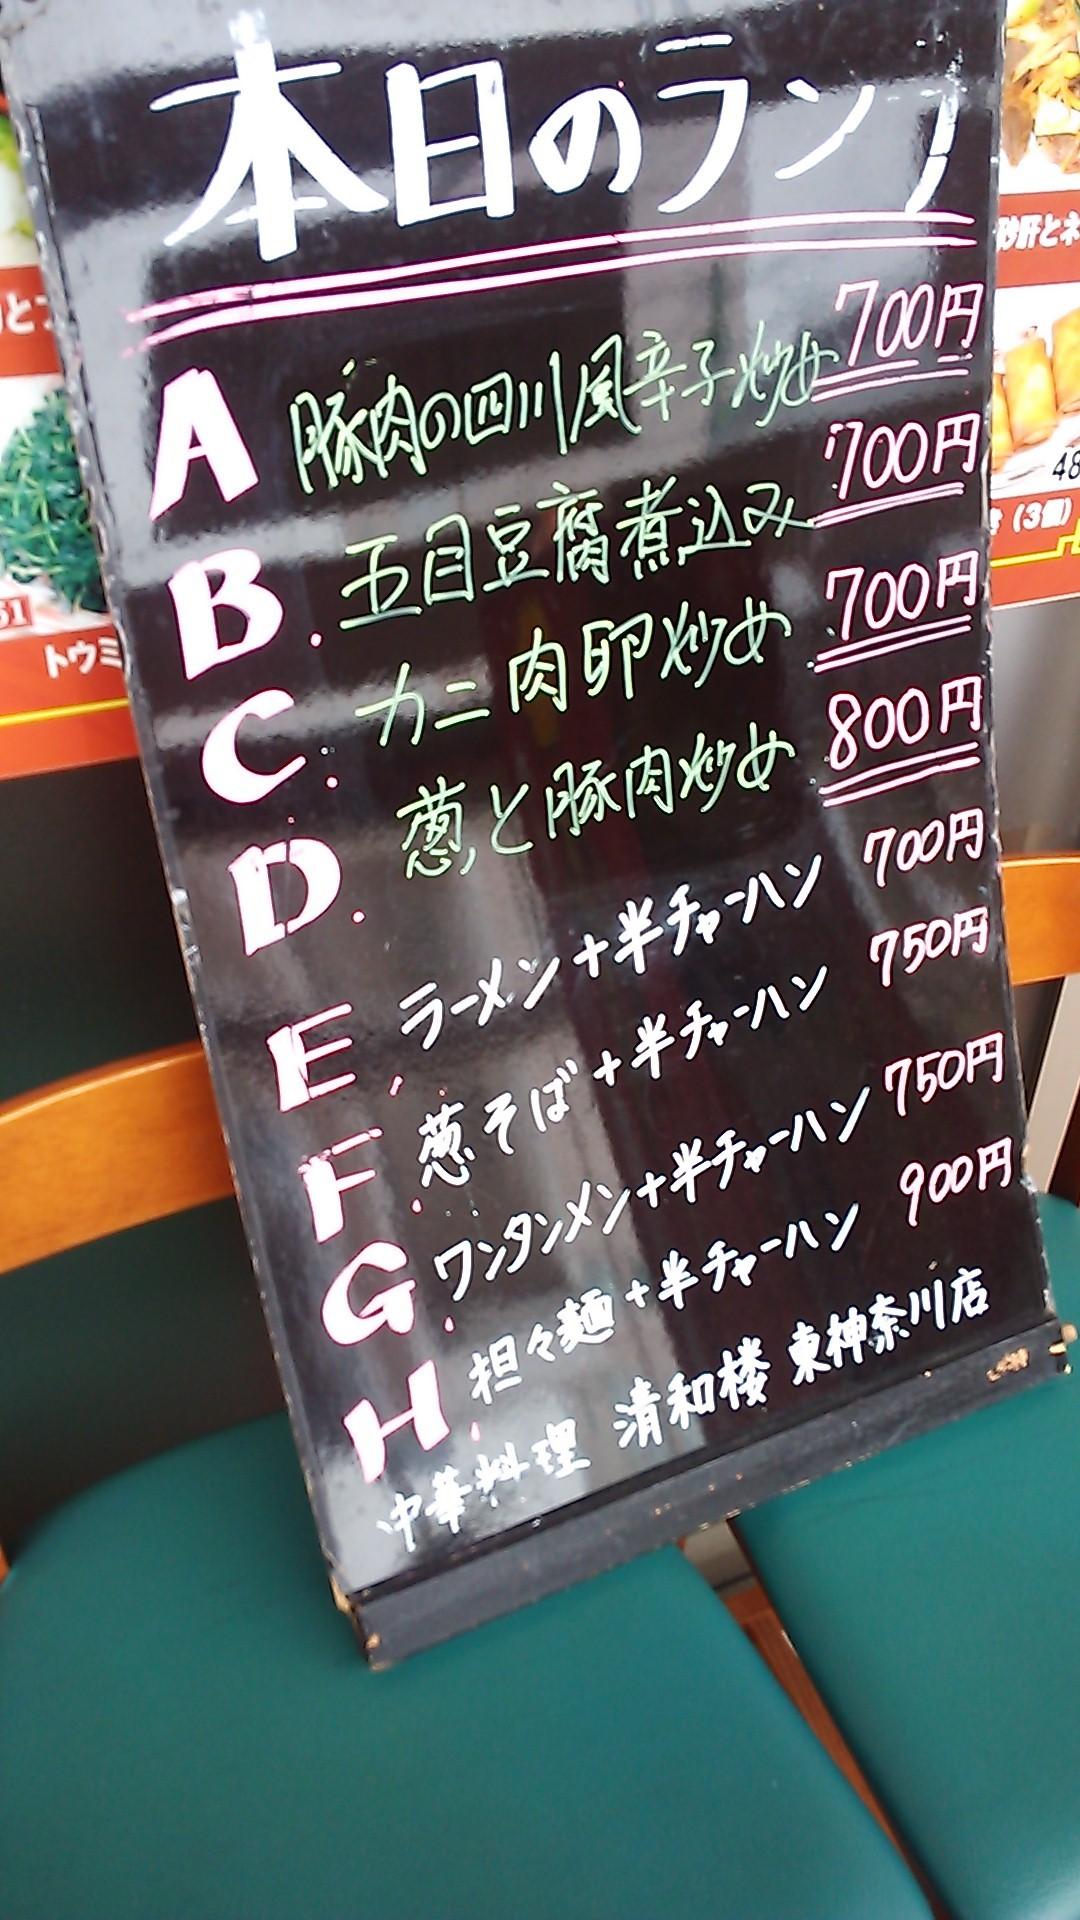 清和楼 東神奈川店